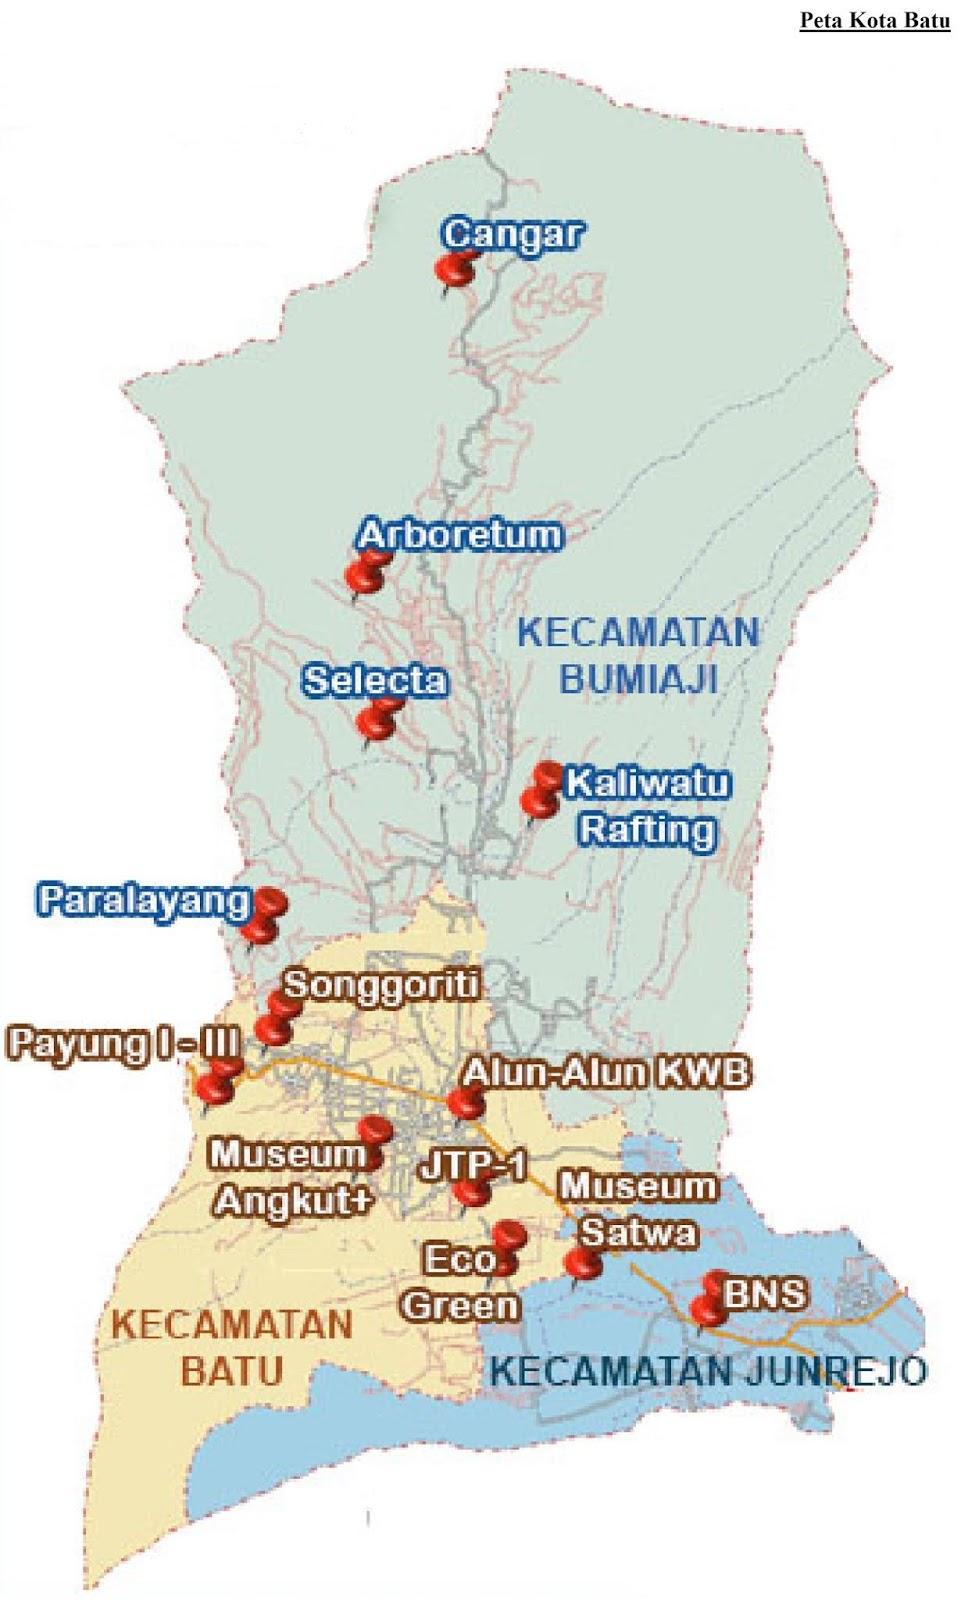 Peta Kota Batu